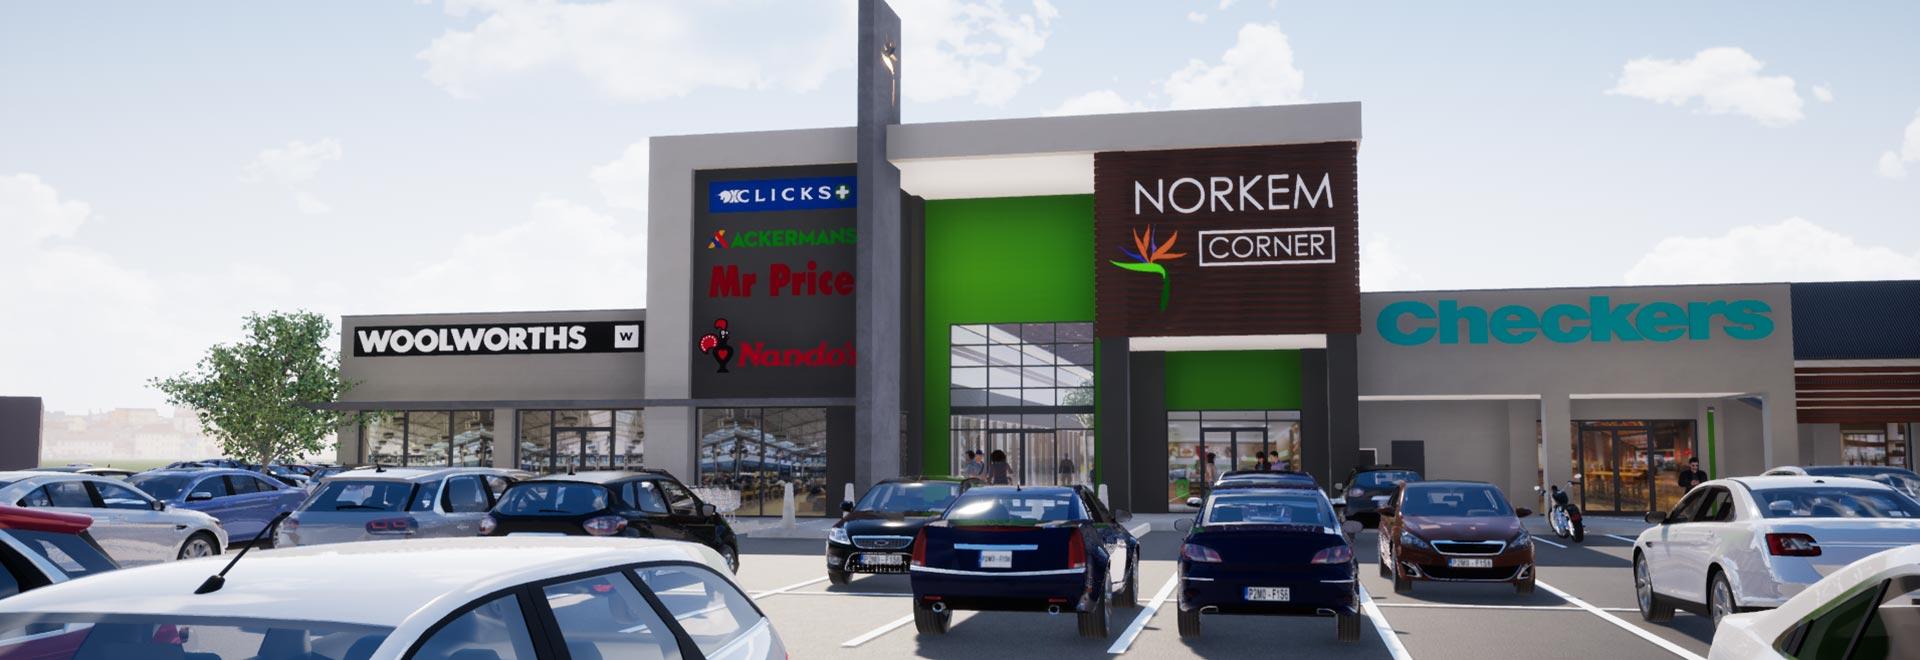 Norkem Corner